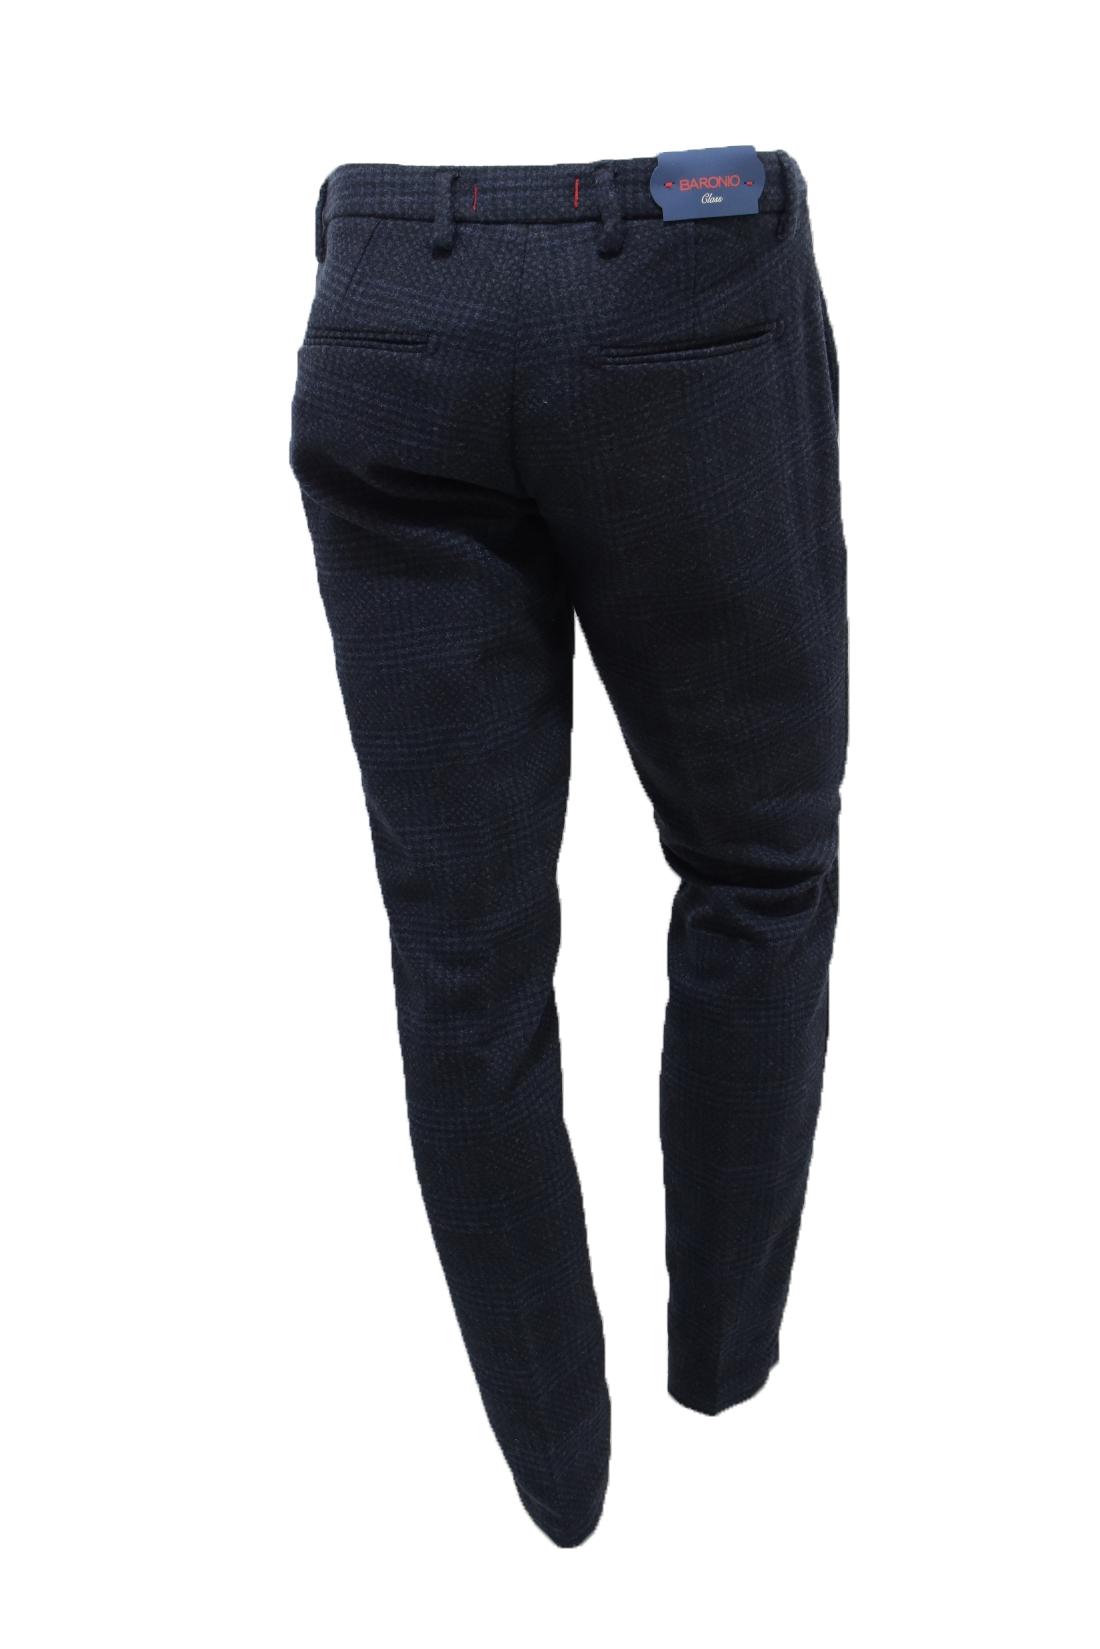 Blue Baronio Reef Voglino W1807 l Abbigliamento Pantalone Uomo Oyn0vmwN8